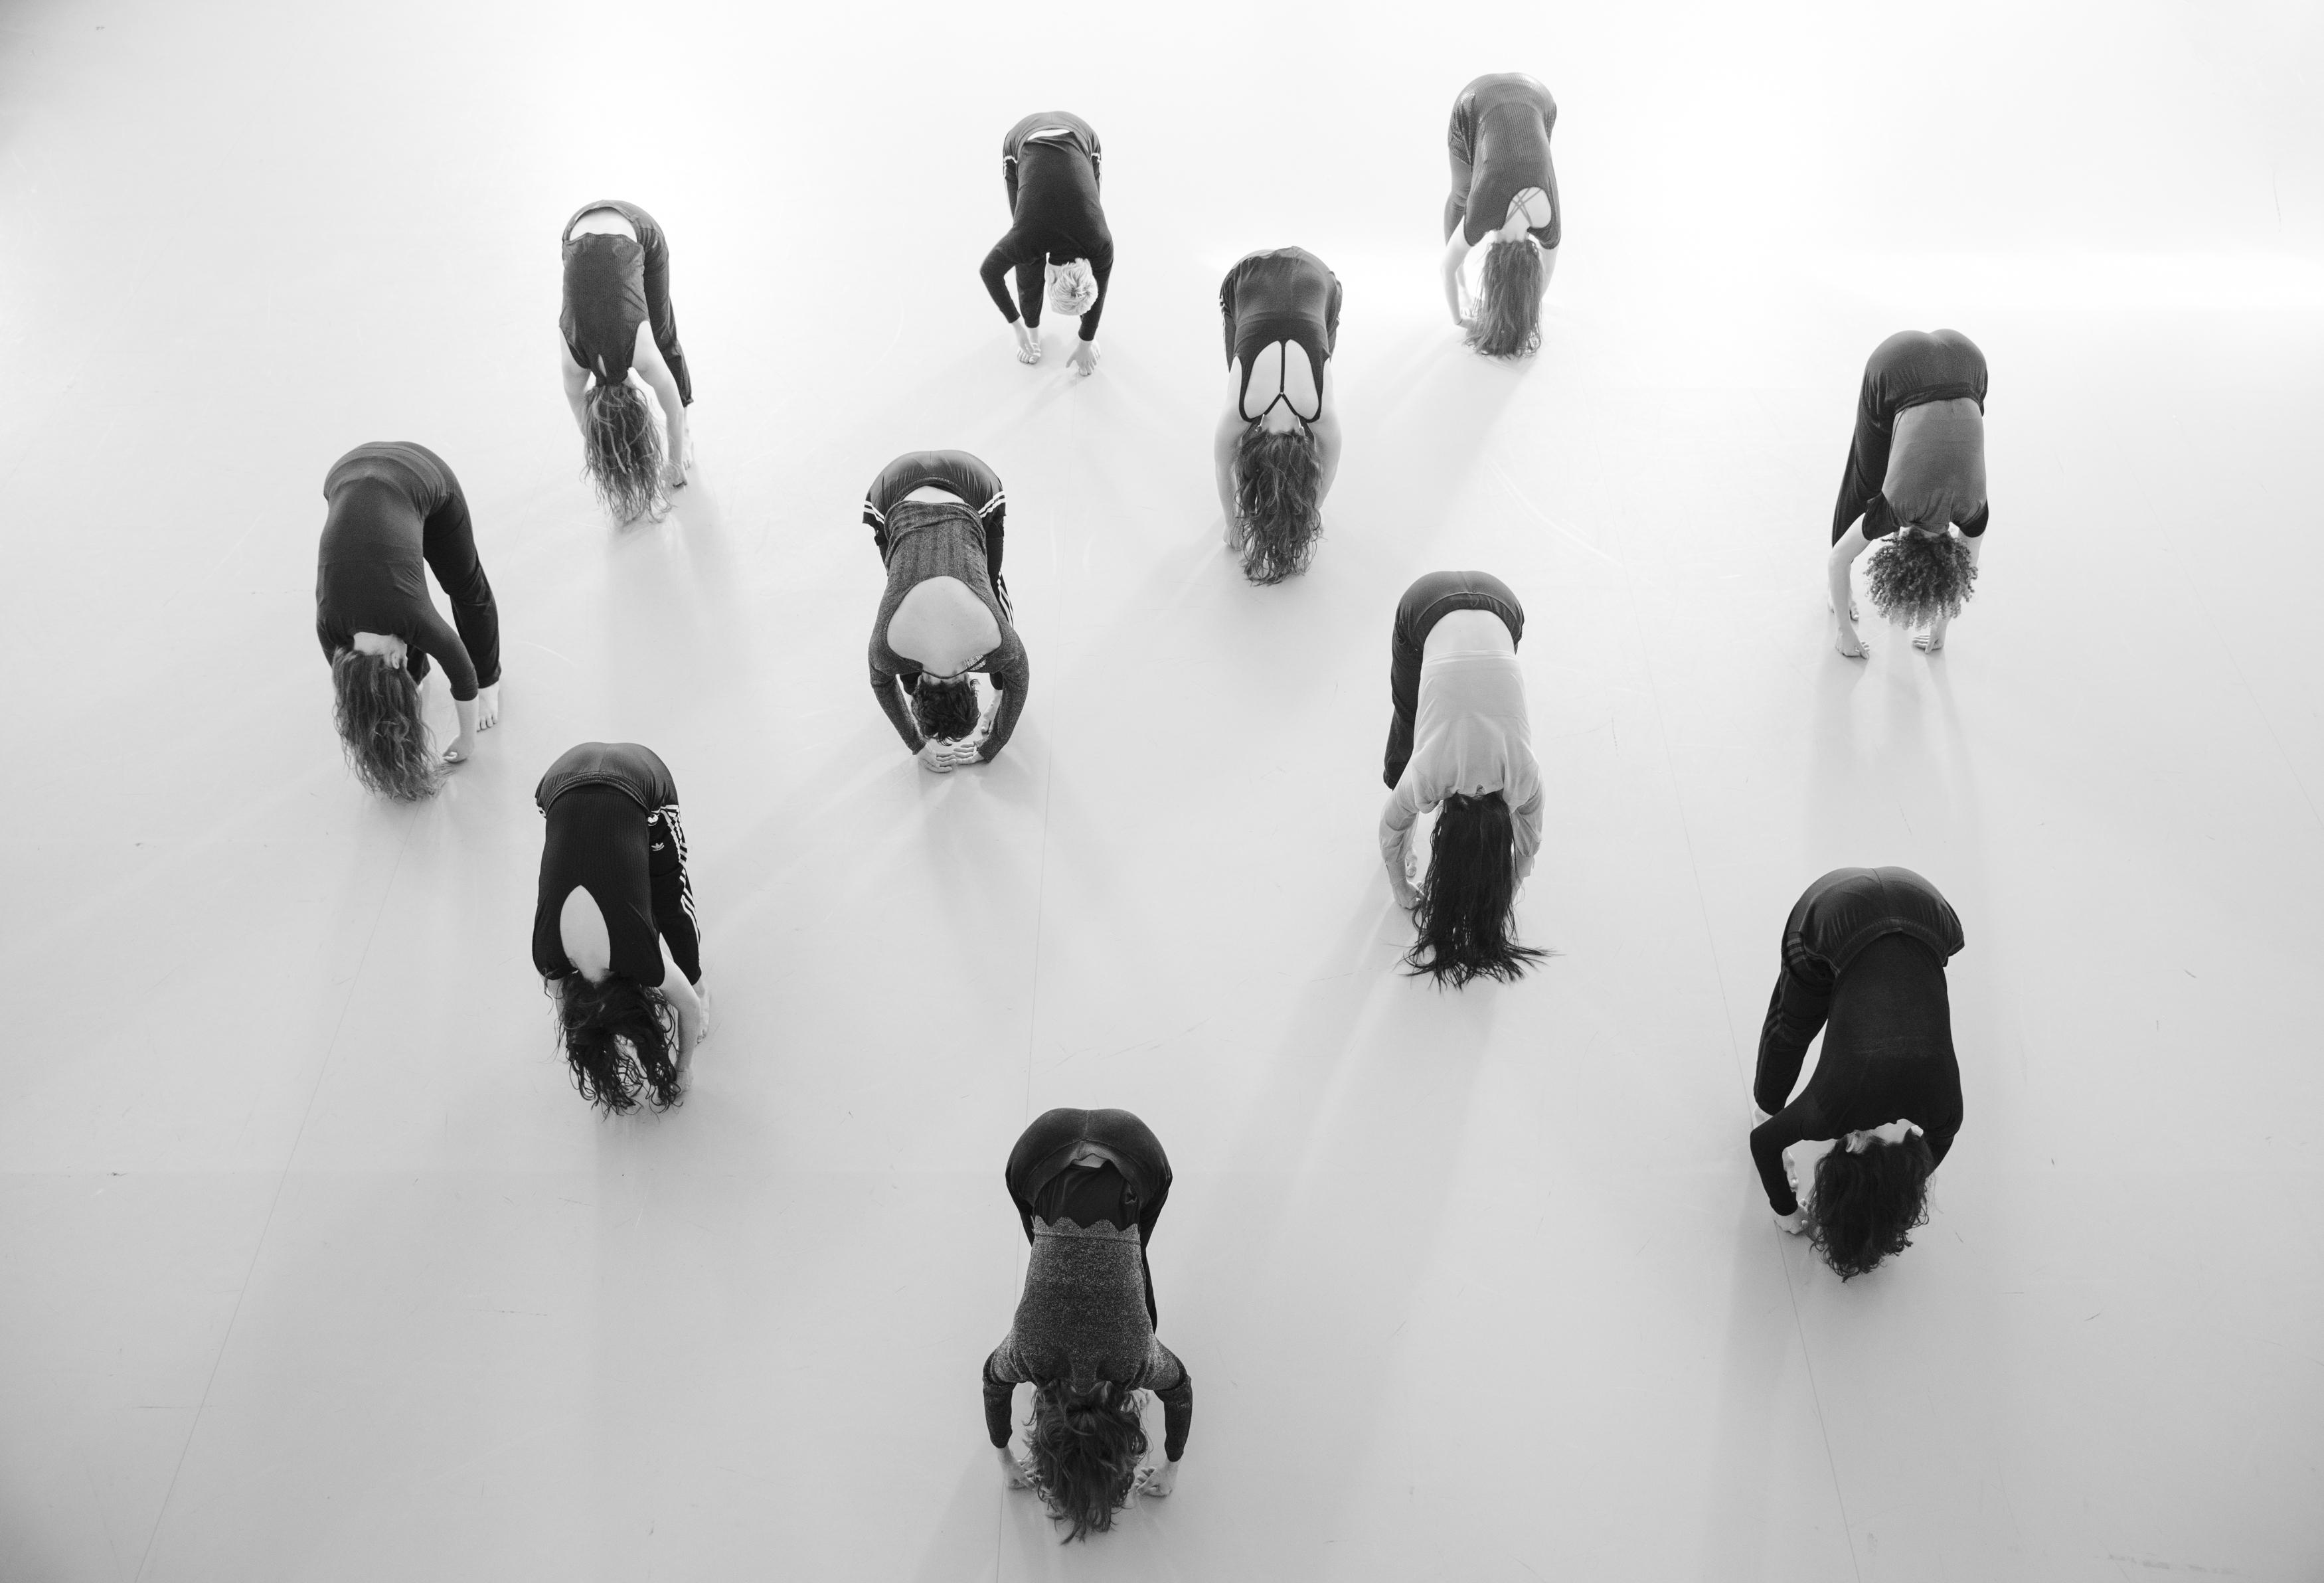 improrrogable-madrid-danza-centro-cultura-contemporanea-conde-duque-poliona-lima